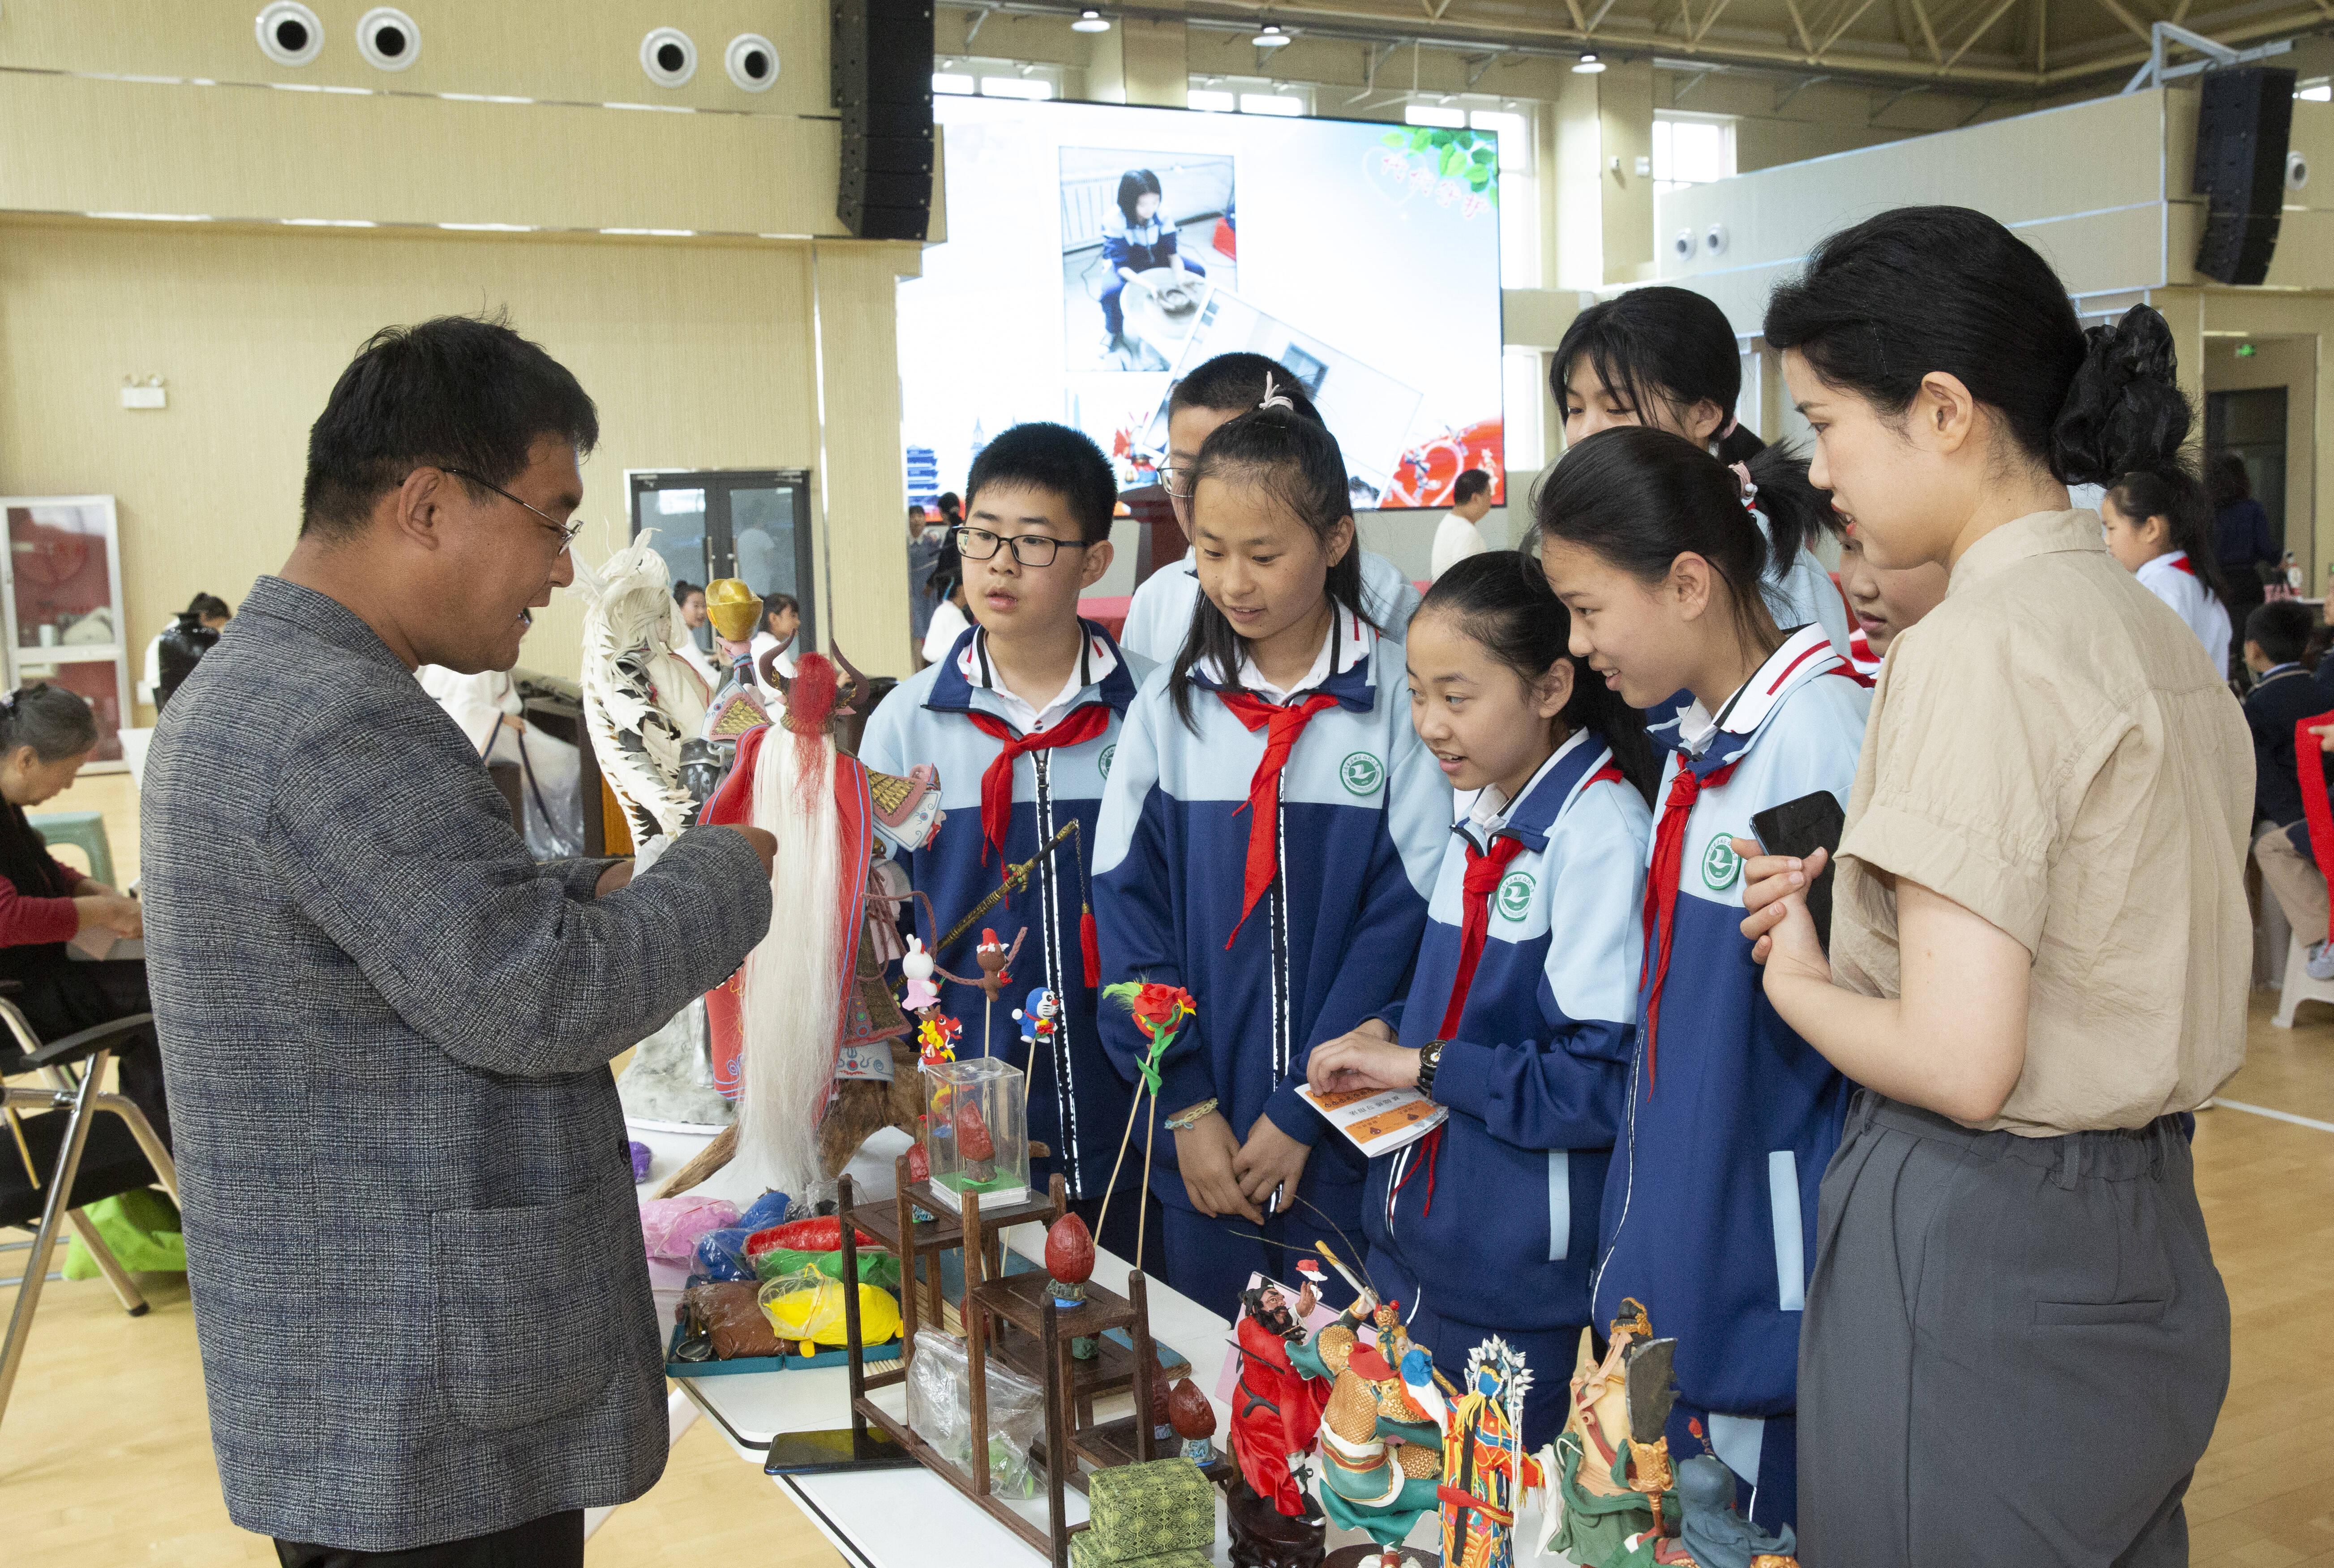 面塑、叶雕、剪纸等7个非遗项目入驻济南市历城区仁轩小学